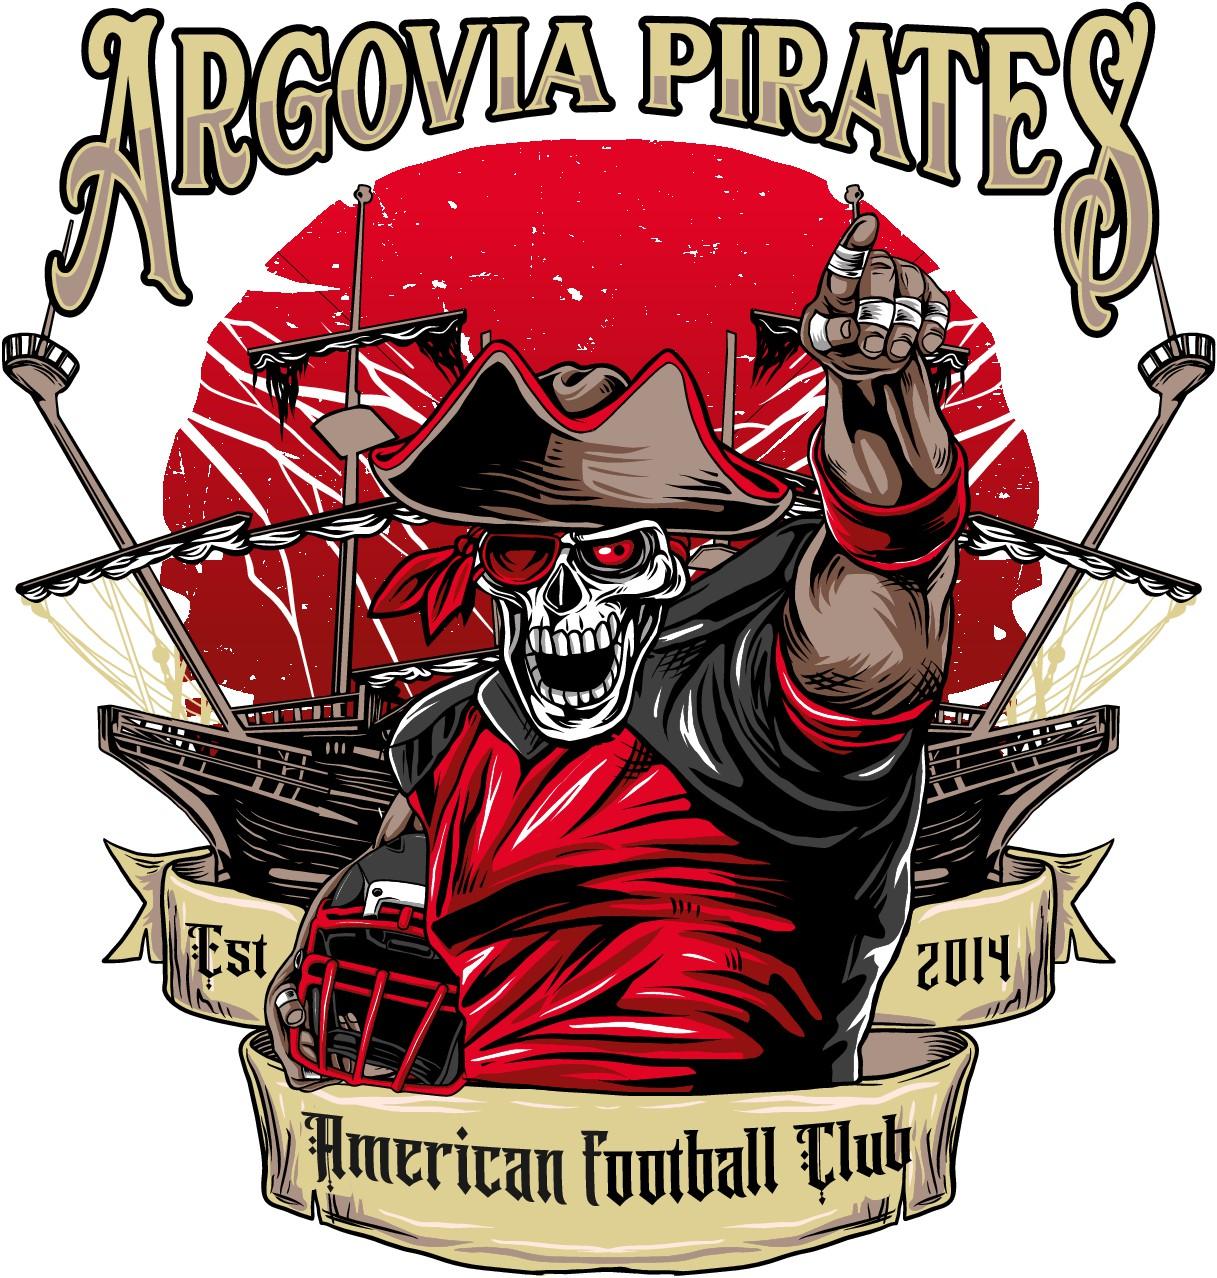 Jubiläum Bild American Football Club Argovia Pirates für Textilien